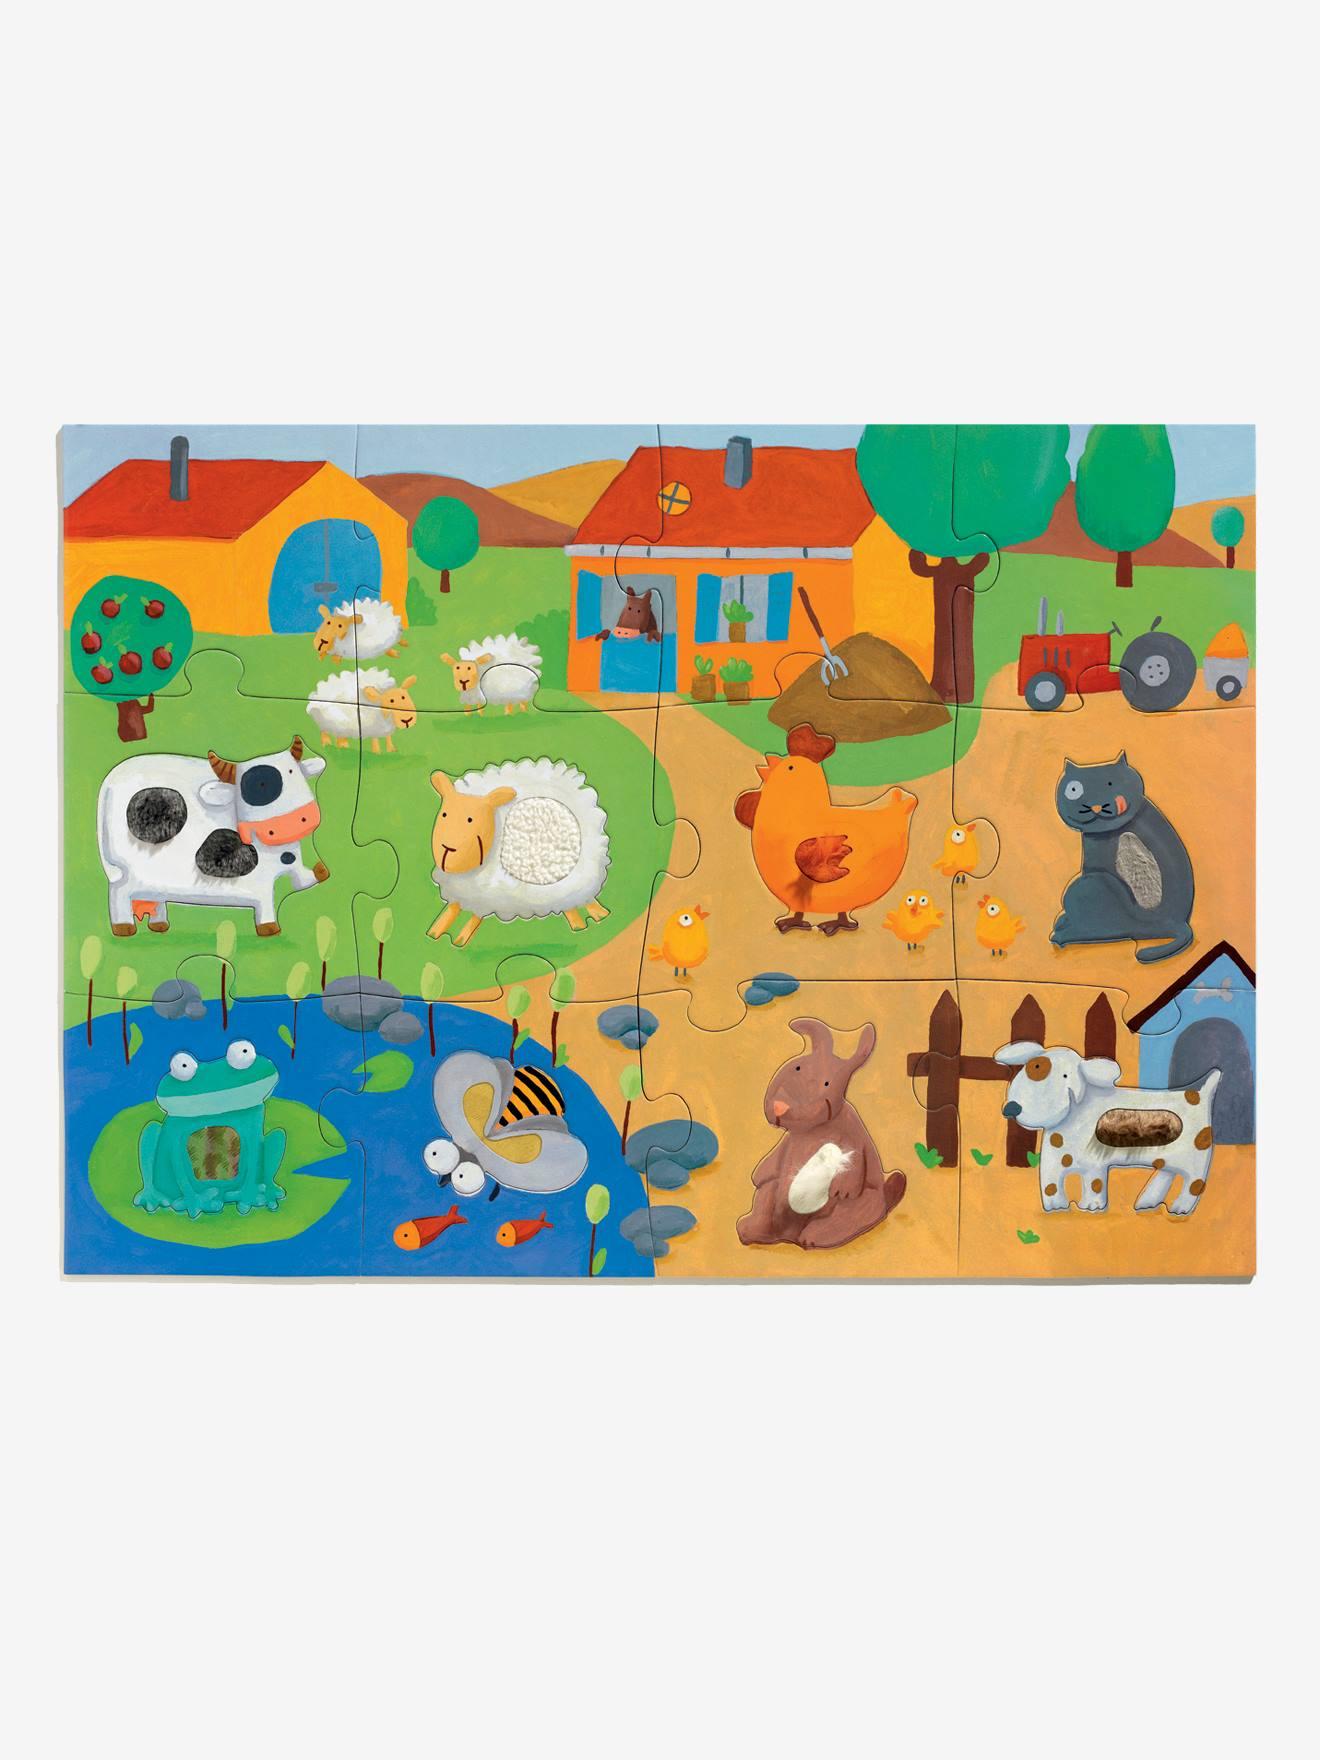 Puzzle Tactiloferme 20 Pièces Djeco Multicolore - Djeco pour Puzzle Fille 3 Ans